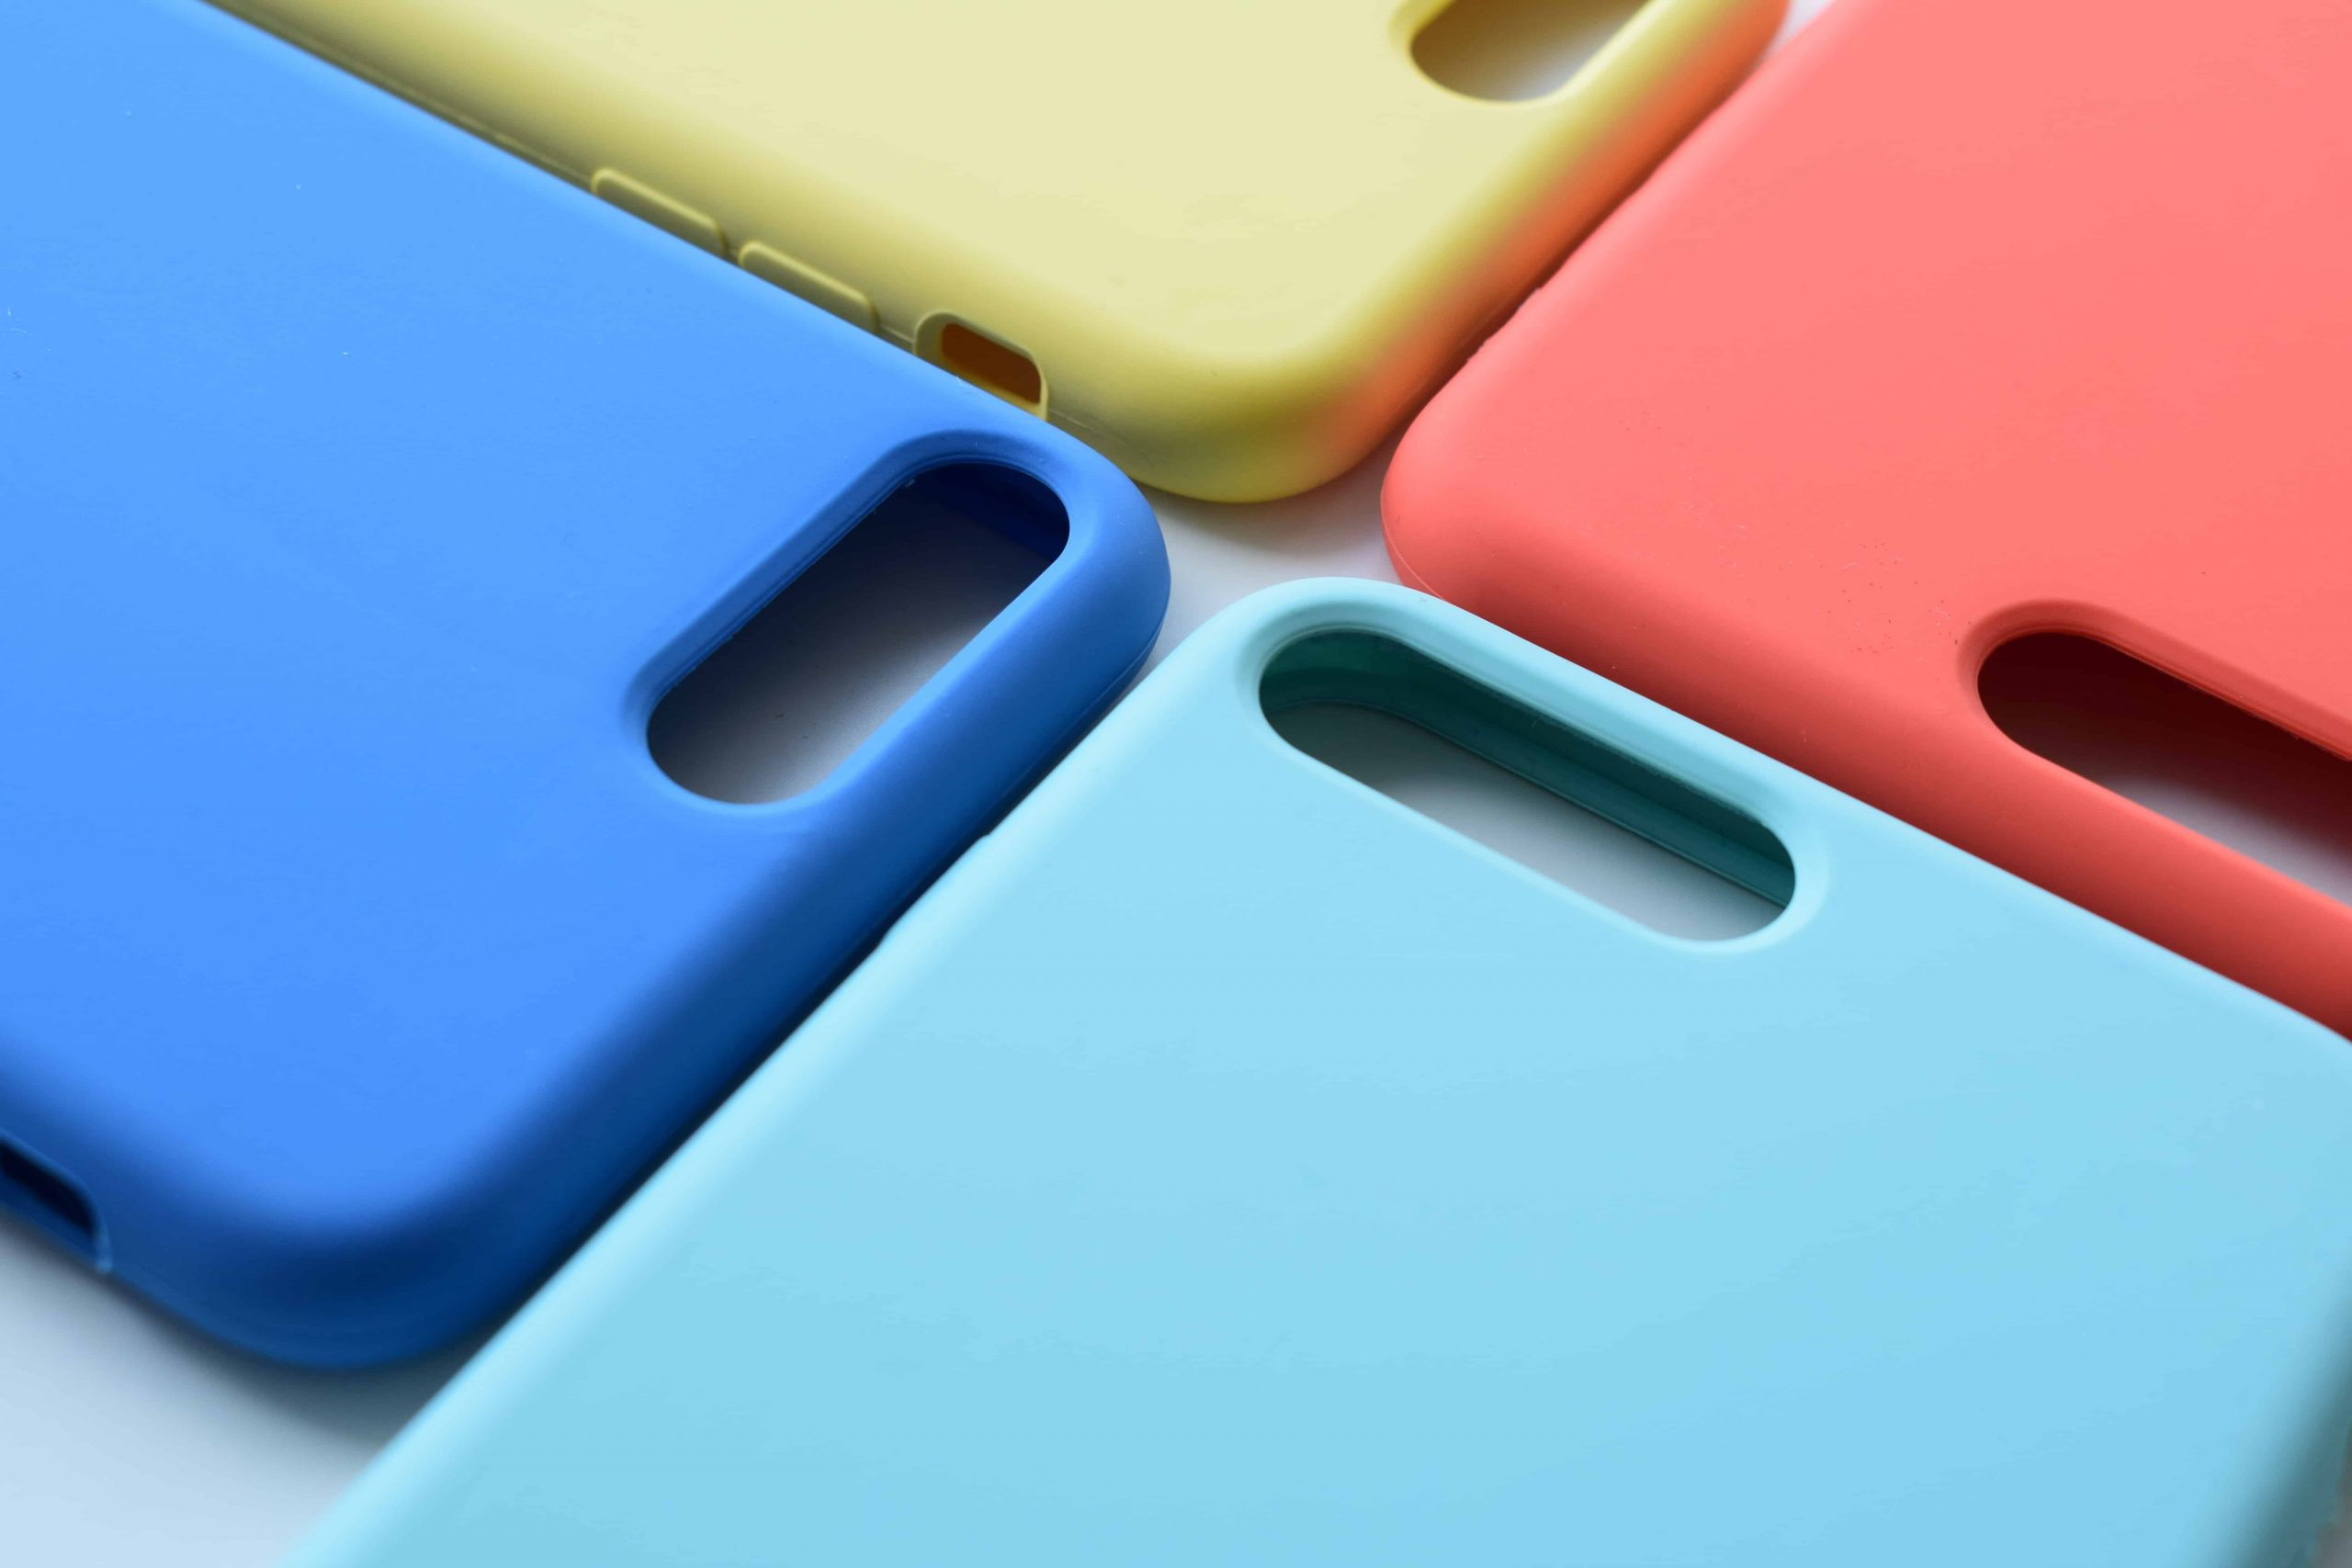 Fundas para celular: ¿Cuáles son las mejores del 2020?